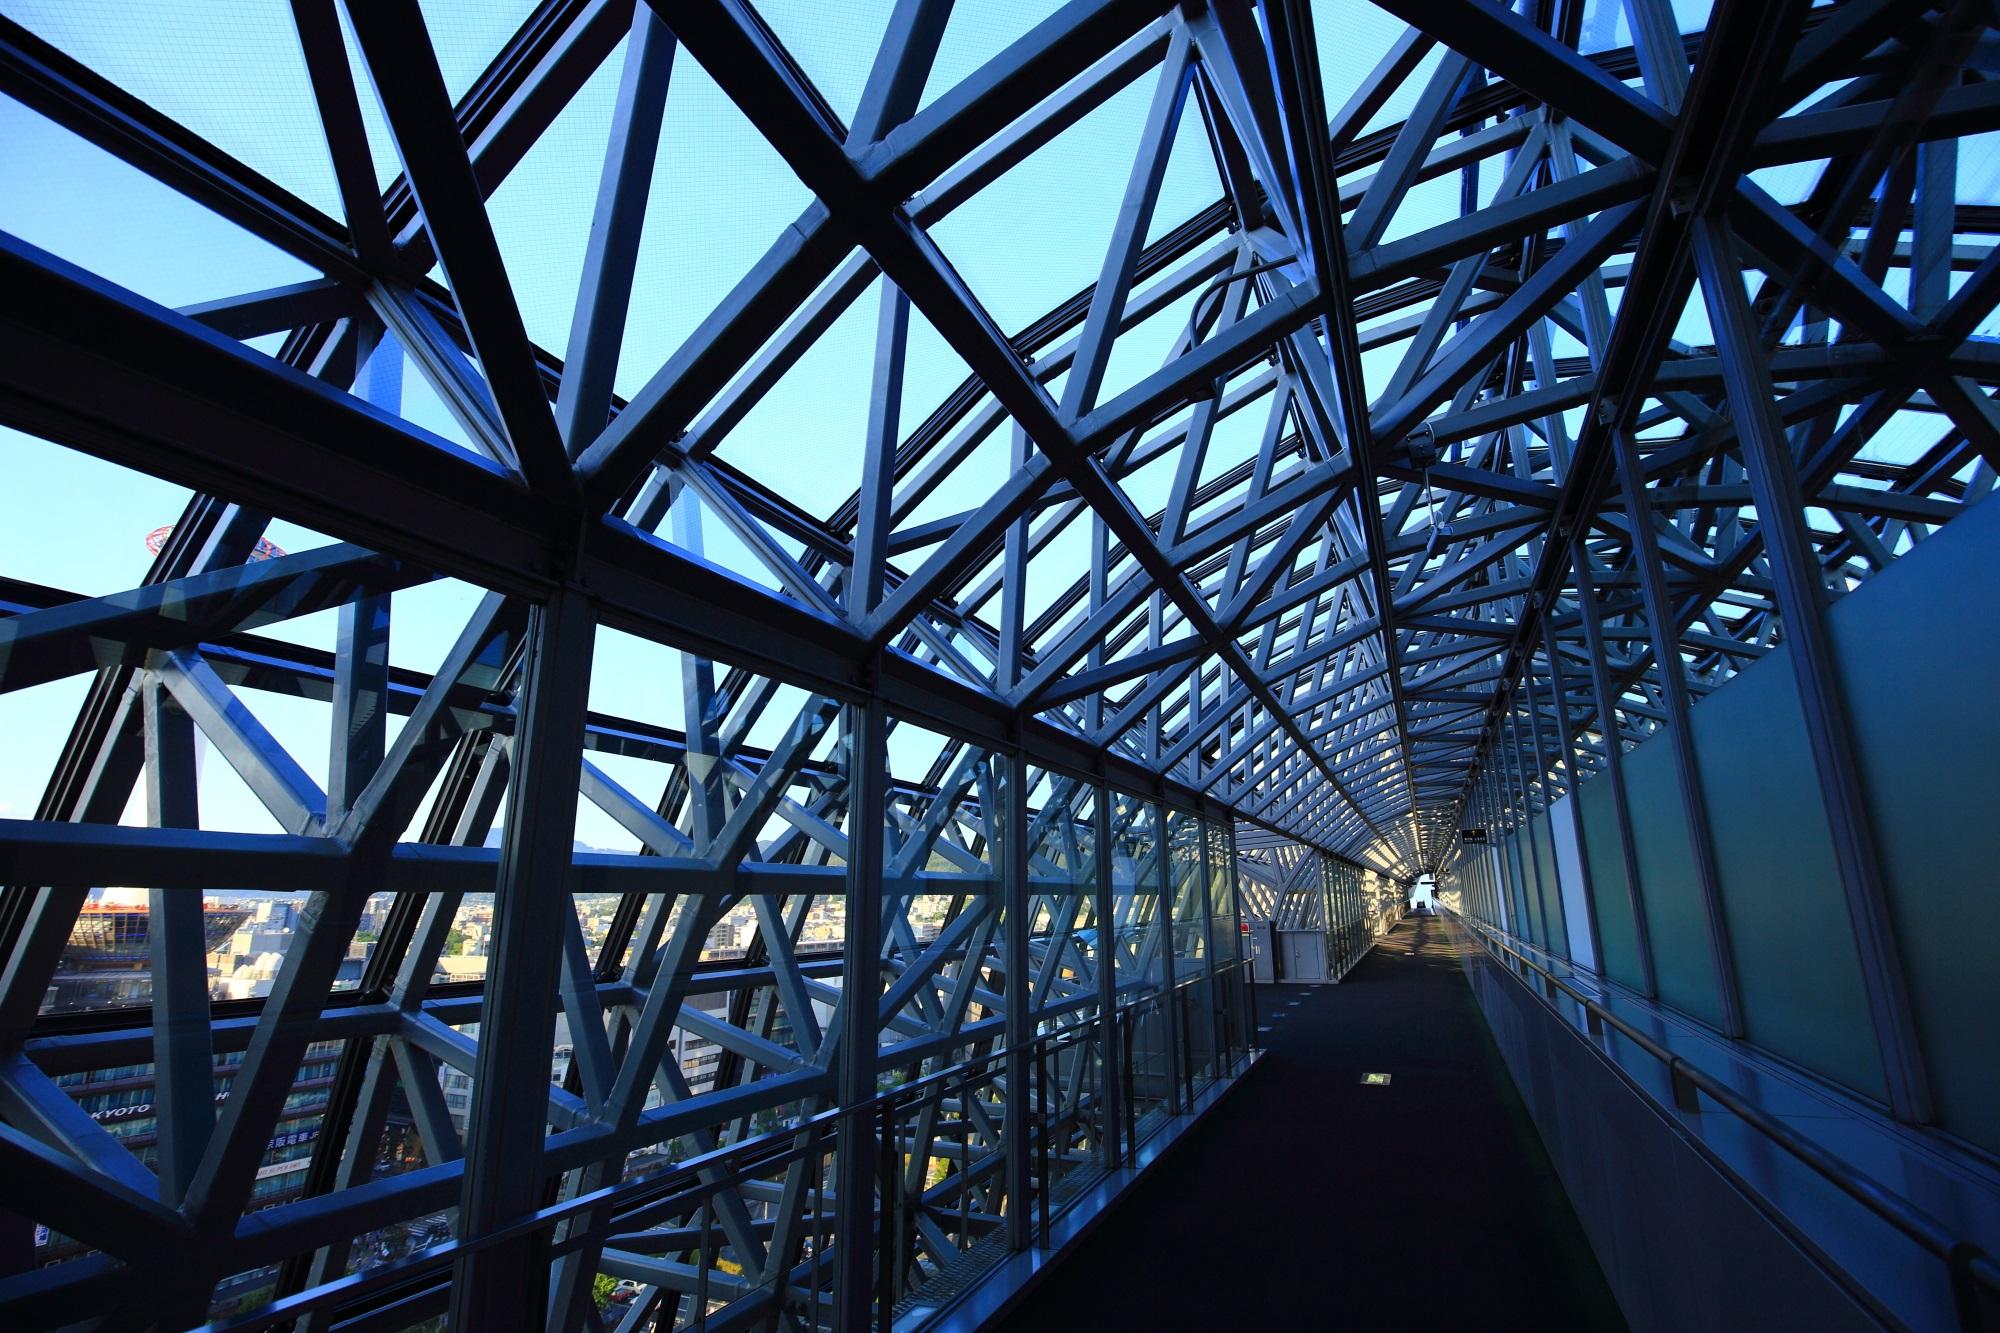 空中経路 駅ビル ガラス張り 青空